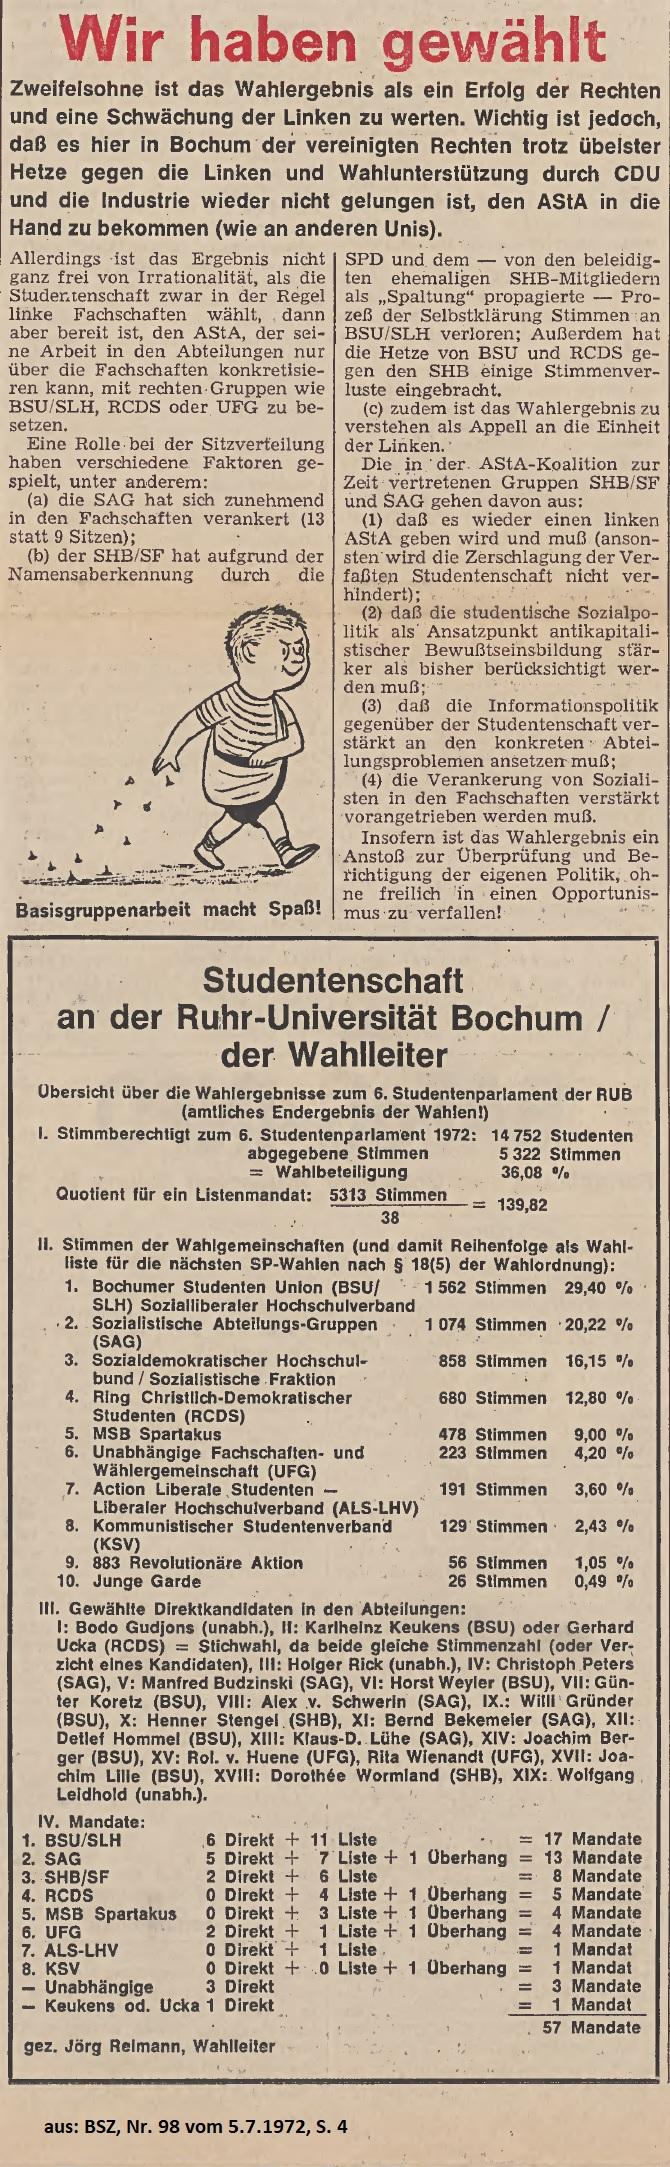 BSZ_1972_98_Auszug_004